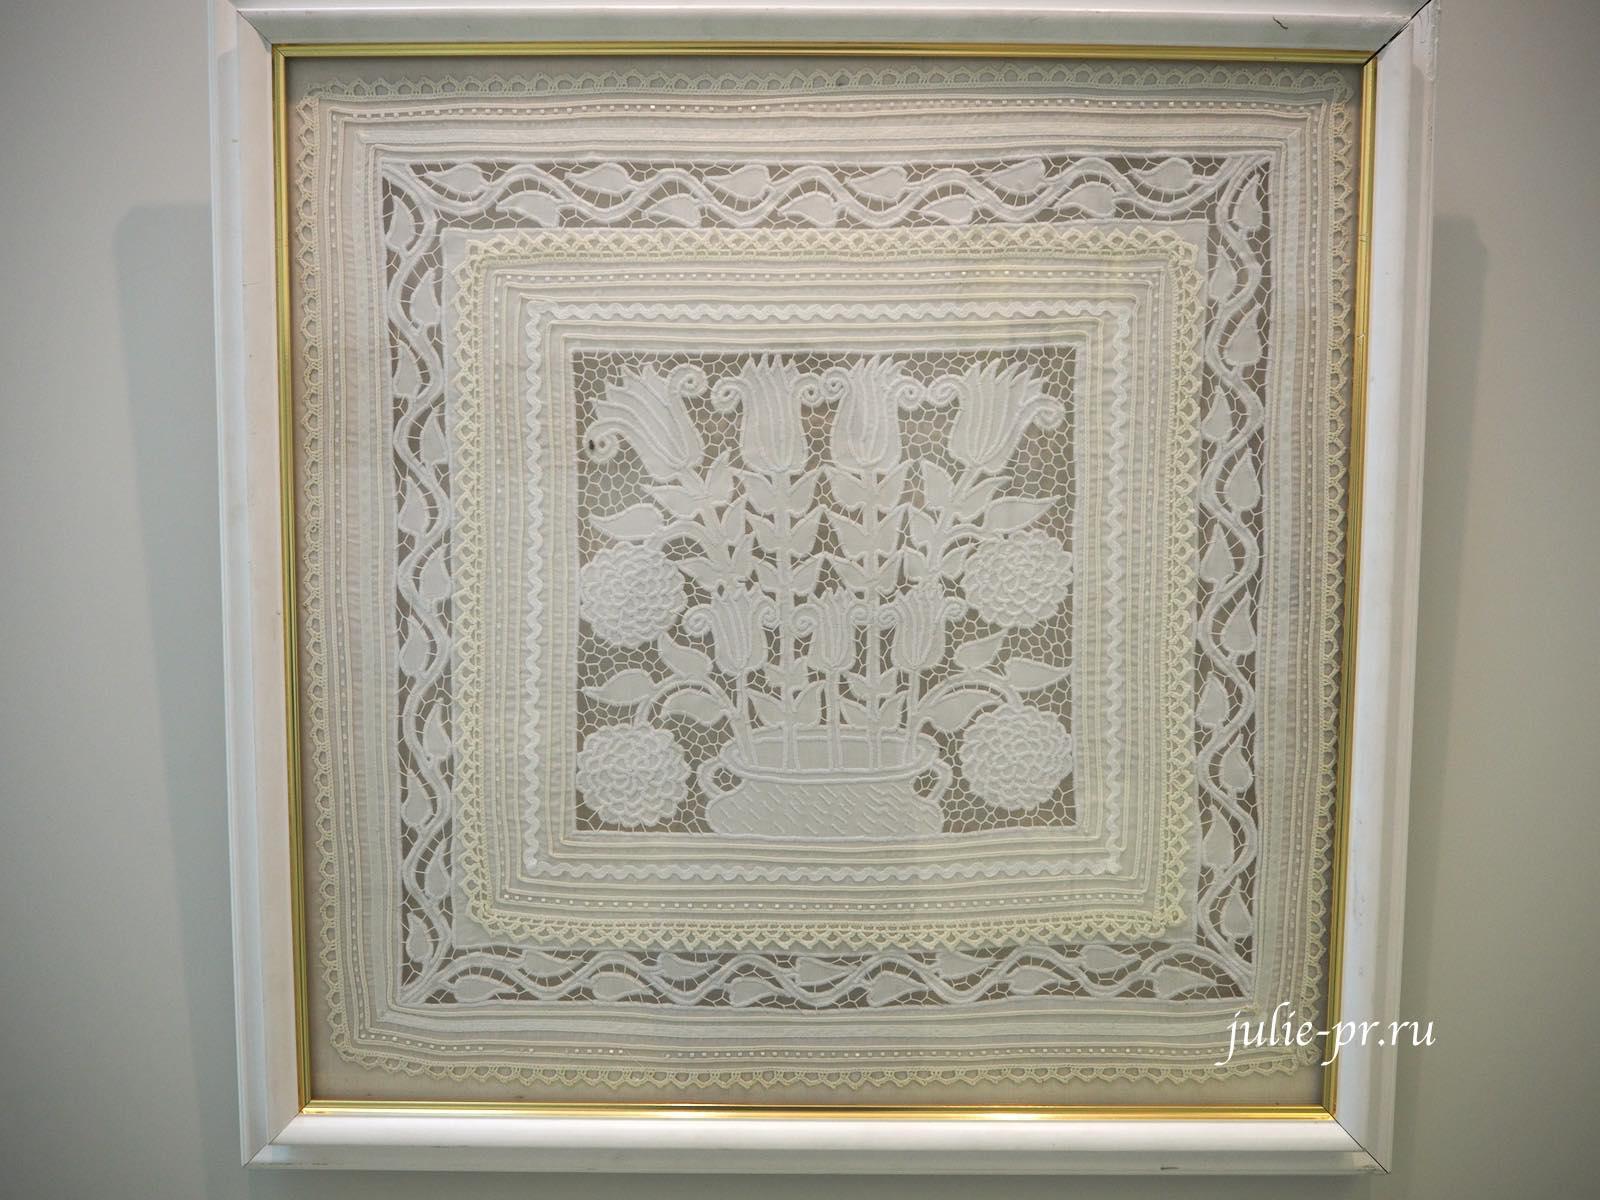 Всероссийская выставка вышивки, вышивка гладью, ришелье, белый букет